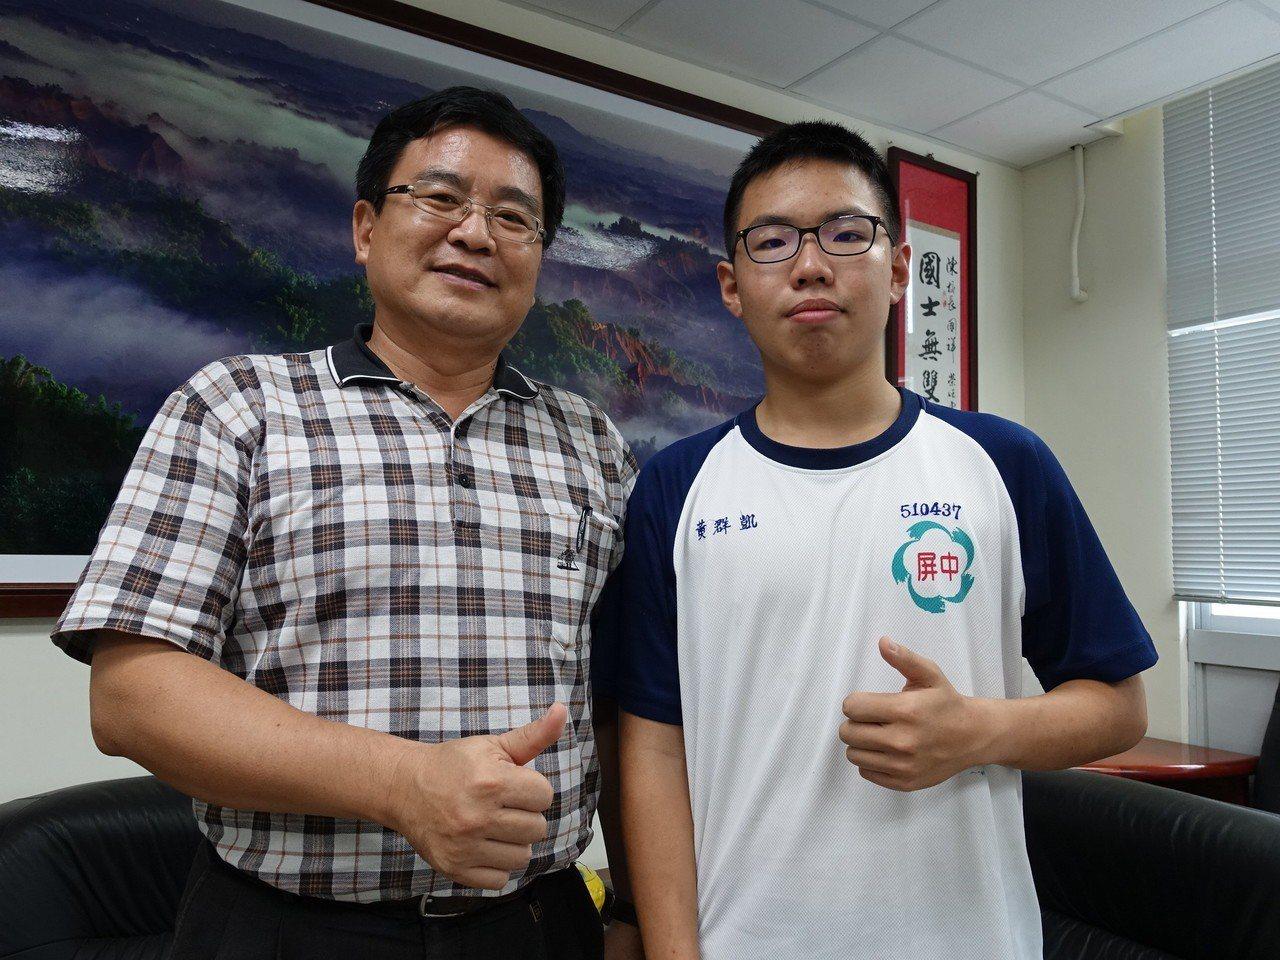 屏東高中校長陳國祥(左)稱讚黃群凱(右)的表現是「屏中第一人」。記者翁禎霞/攝影